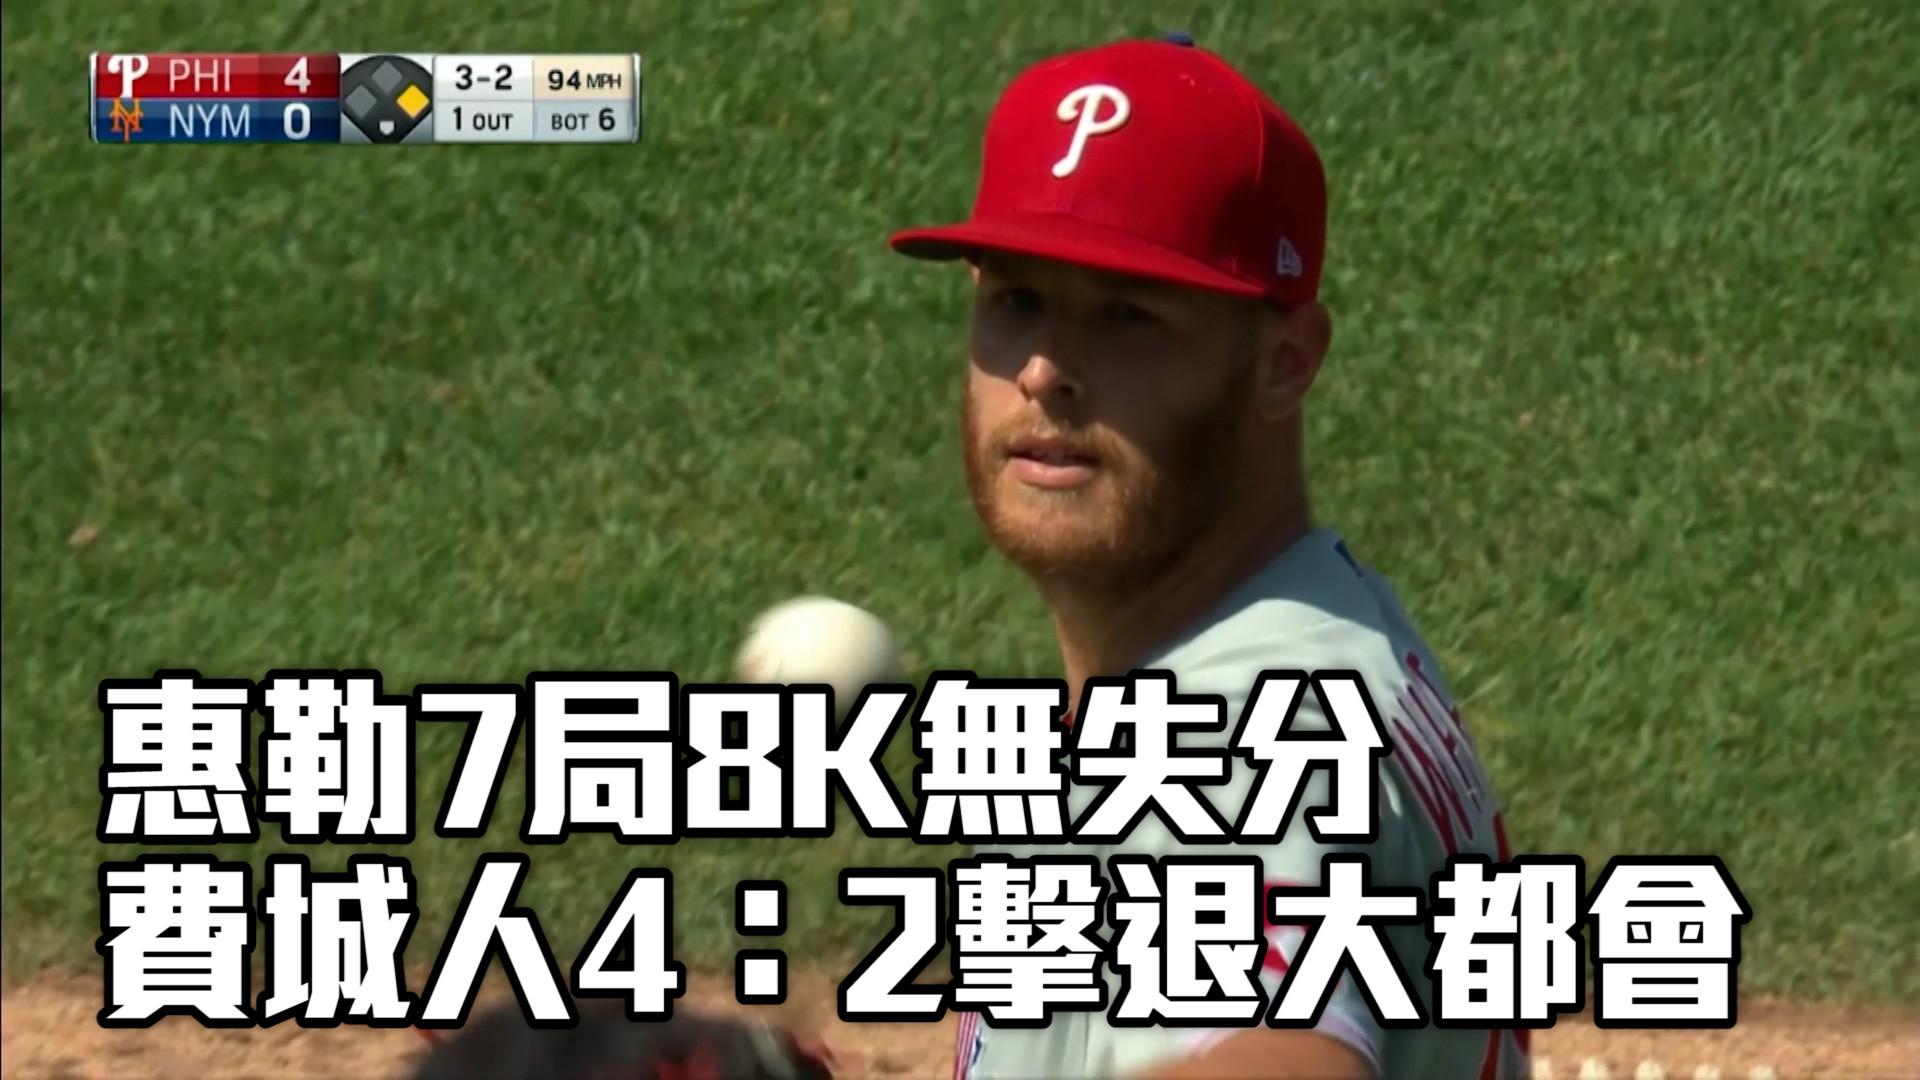 【MLB看愛爾達】惠勒7局狂飆8K無失分 費城人4:2贏球 06/28